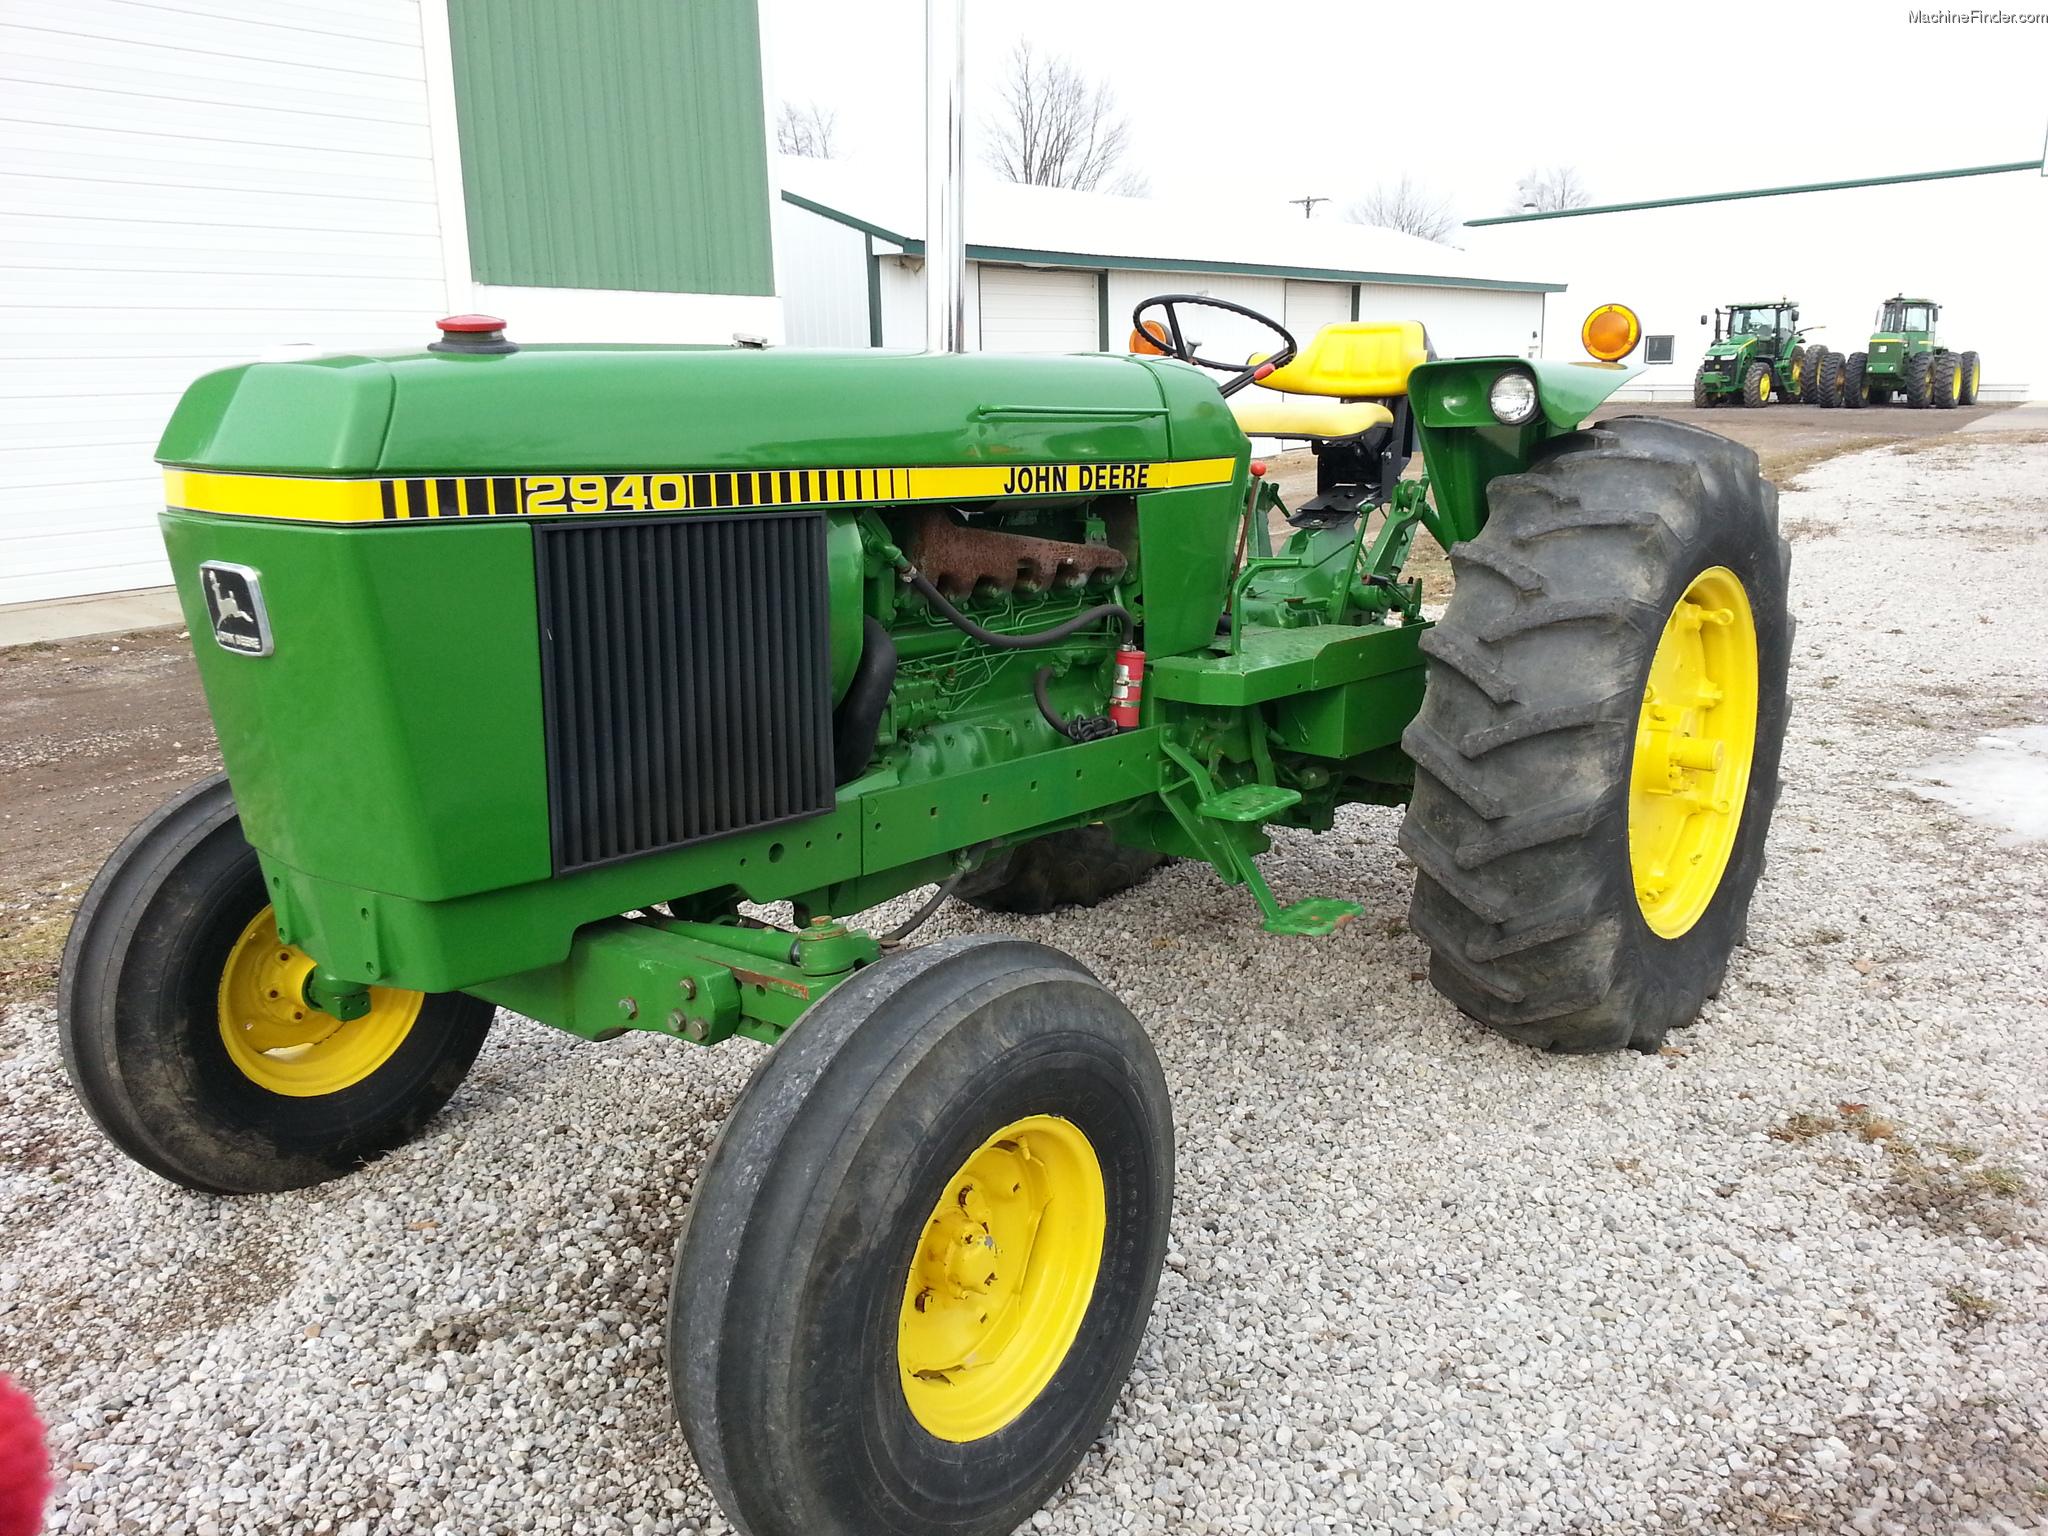 John Deere 2940 Tractors - Utility (40-100hp) - John Deere ...